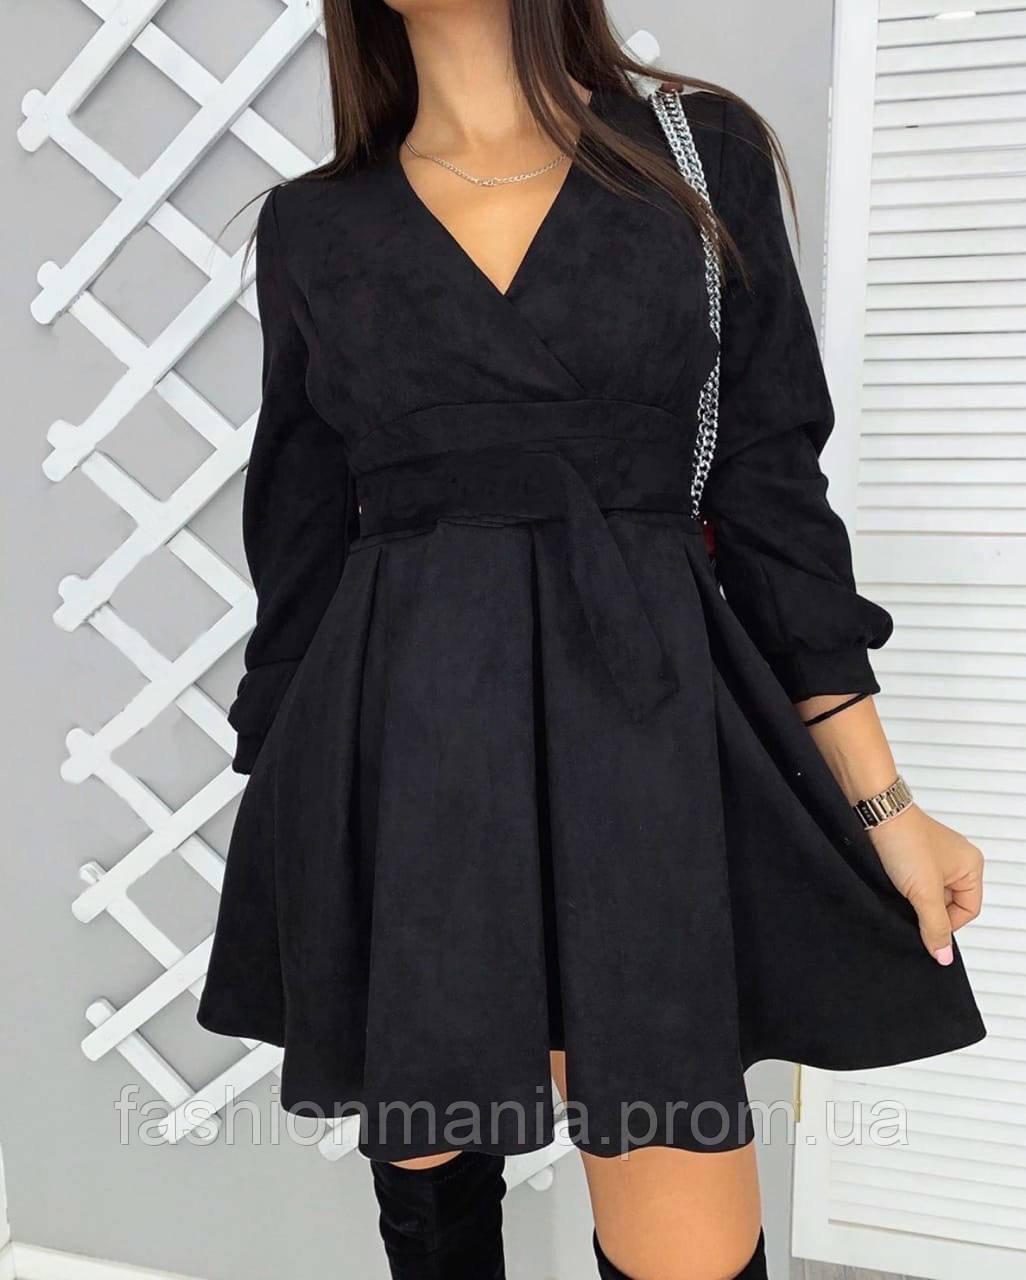 Платье женское замшевое чёрное, серое 42-44,44-46